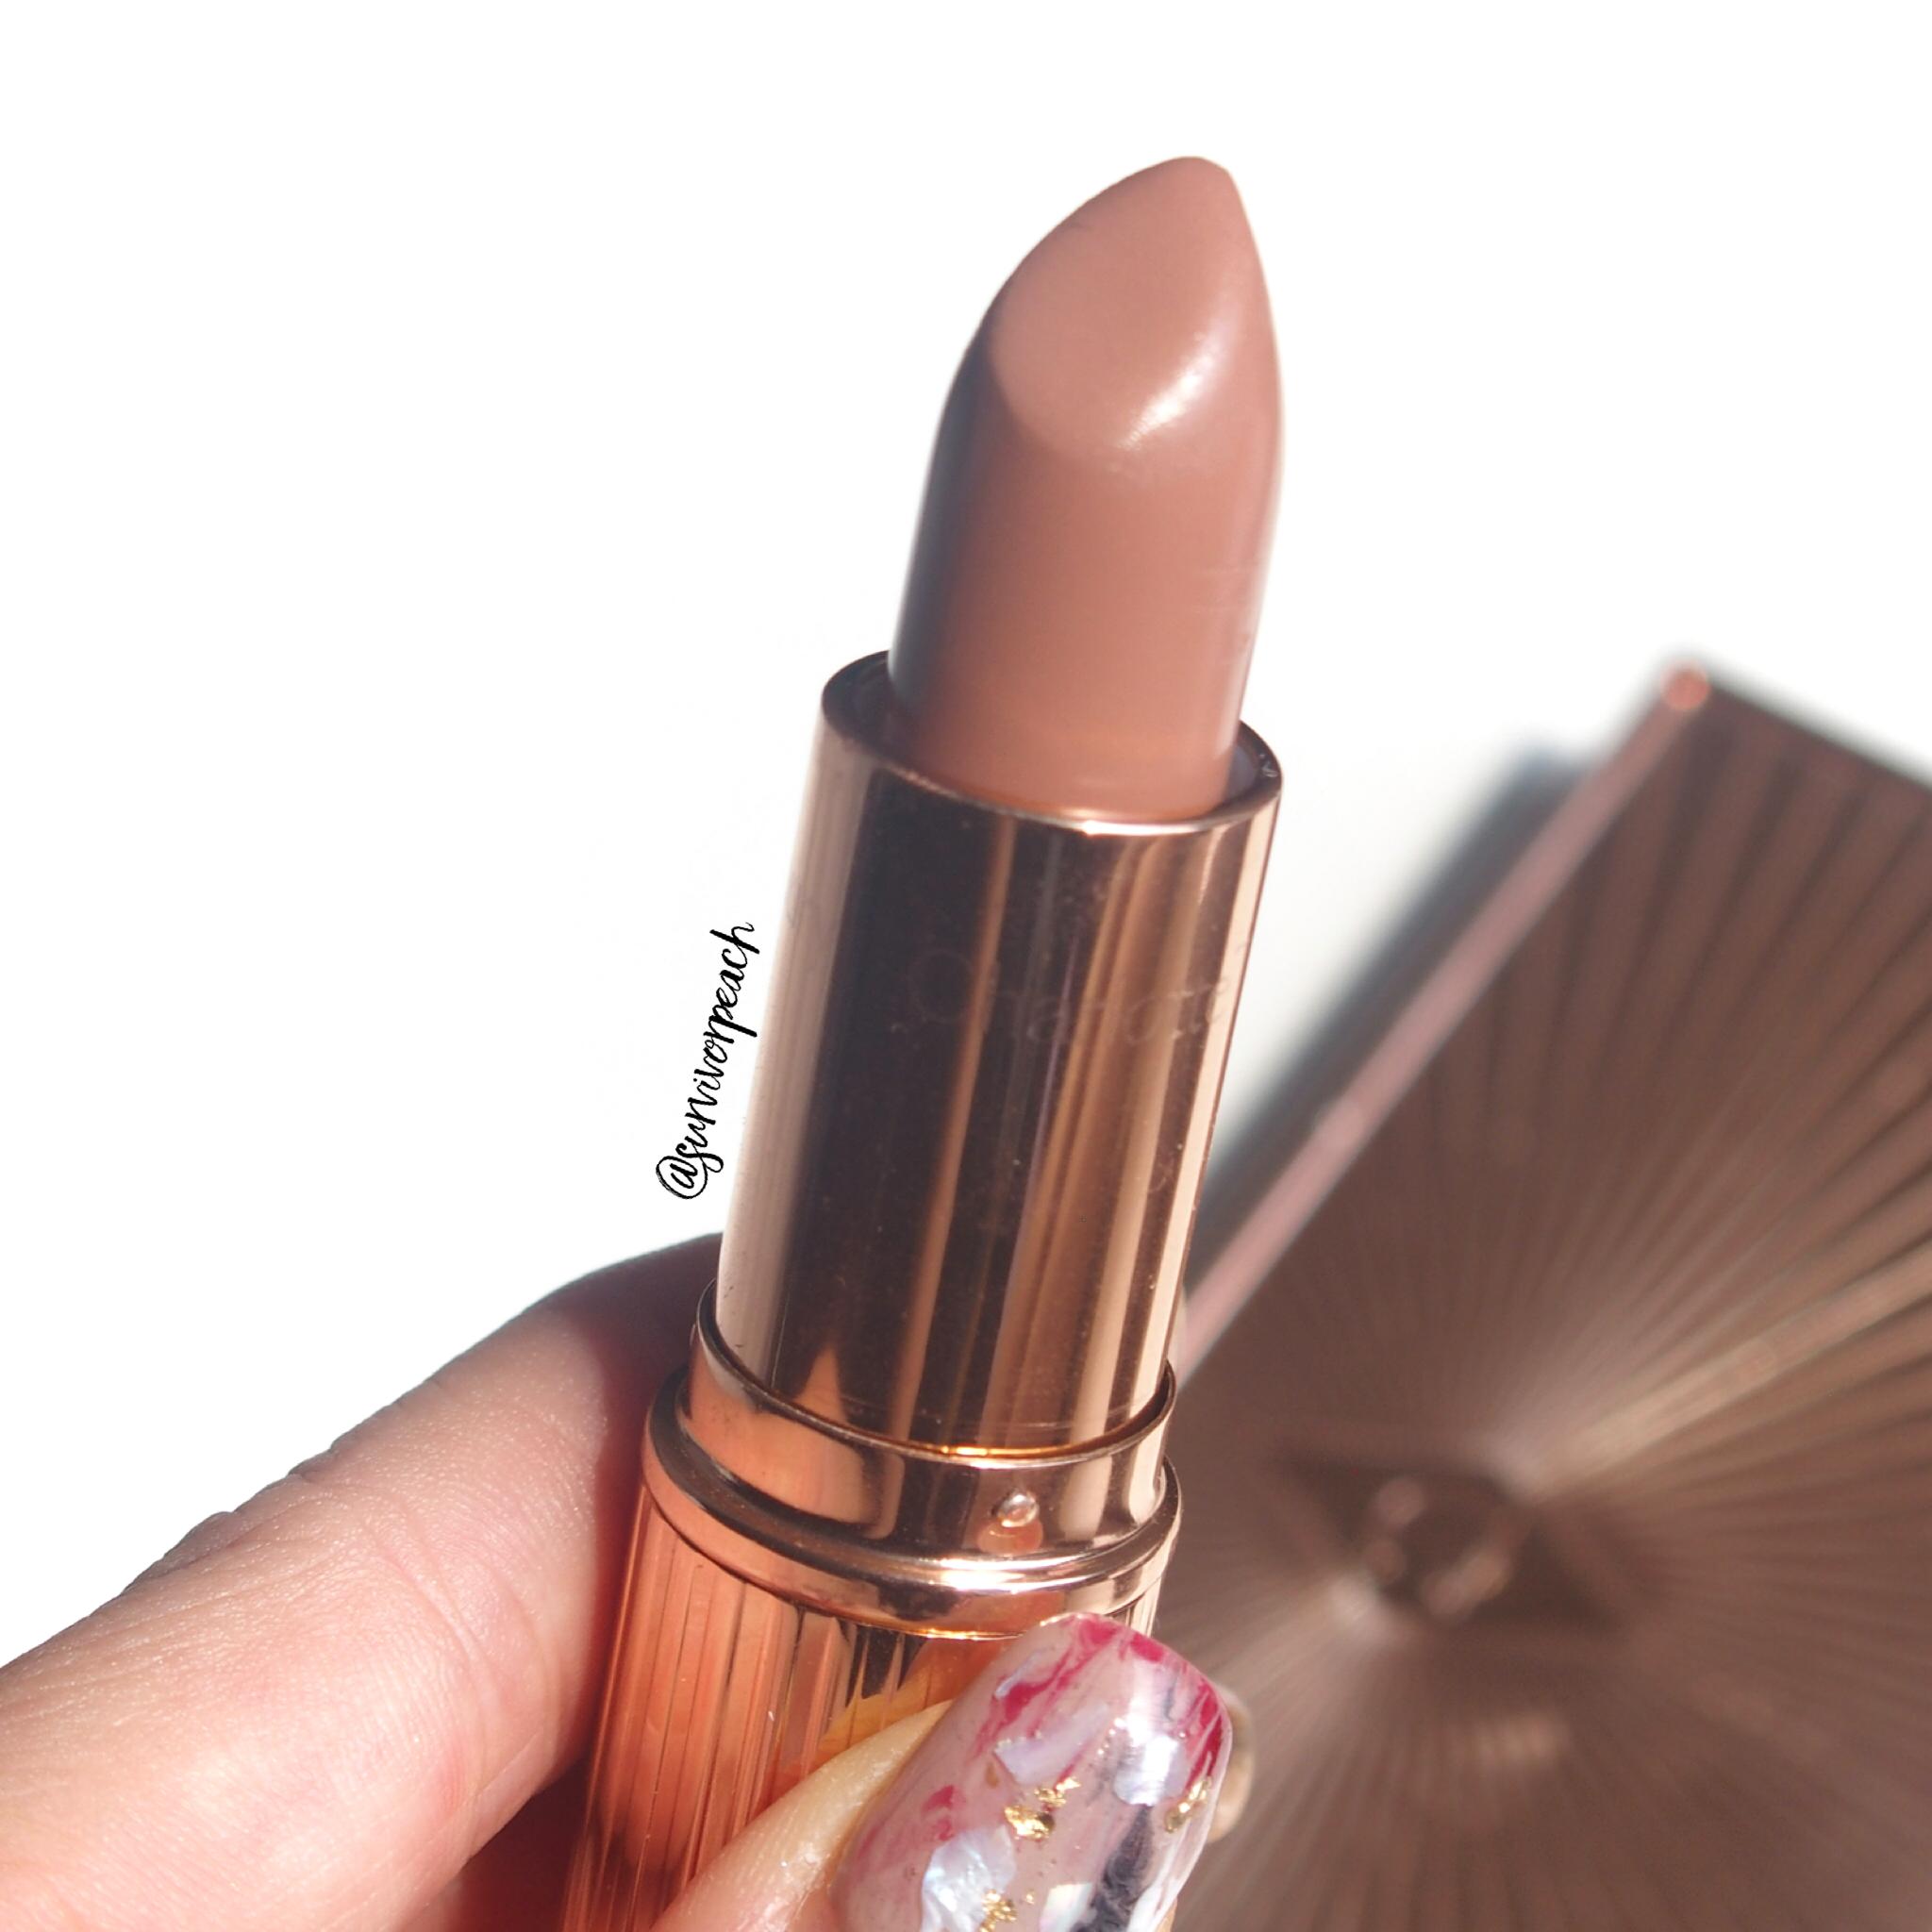 Charlotte Tilbury K.I.S.S.I.N.G Lipsticks in shade Hepburn Honey